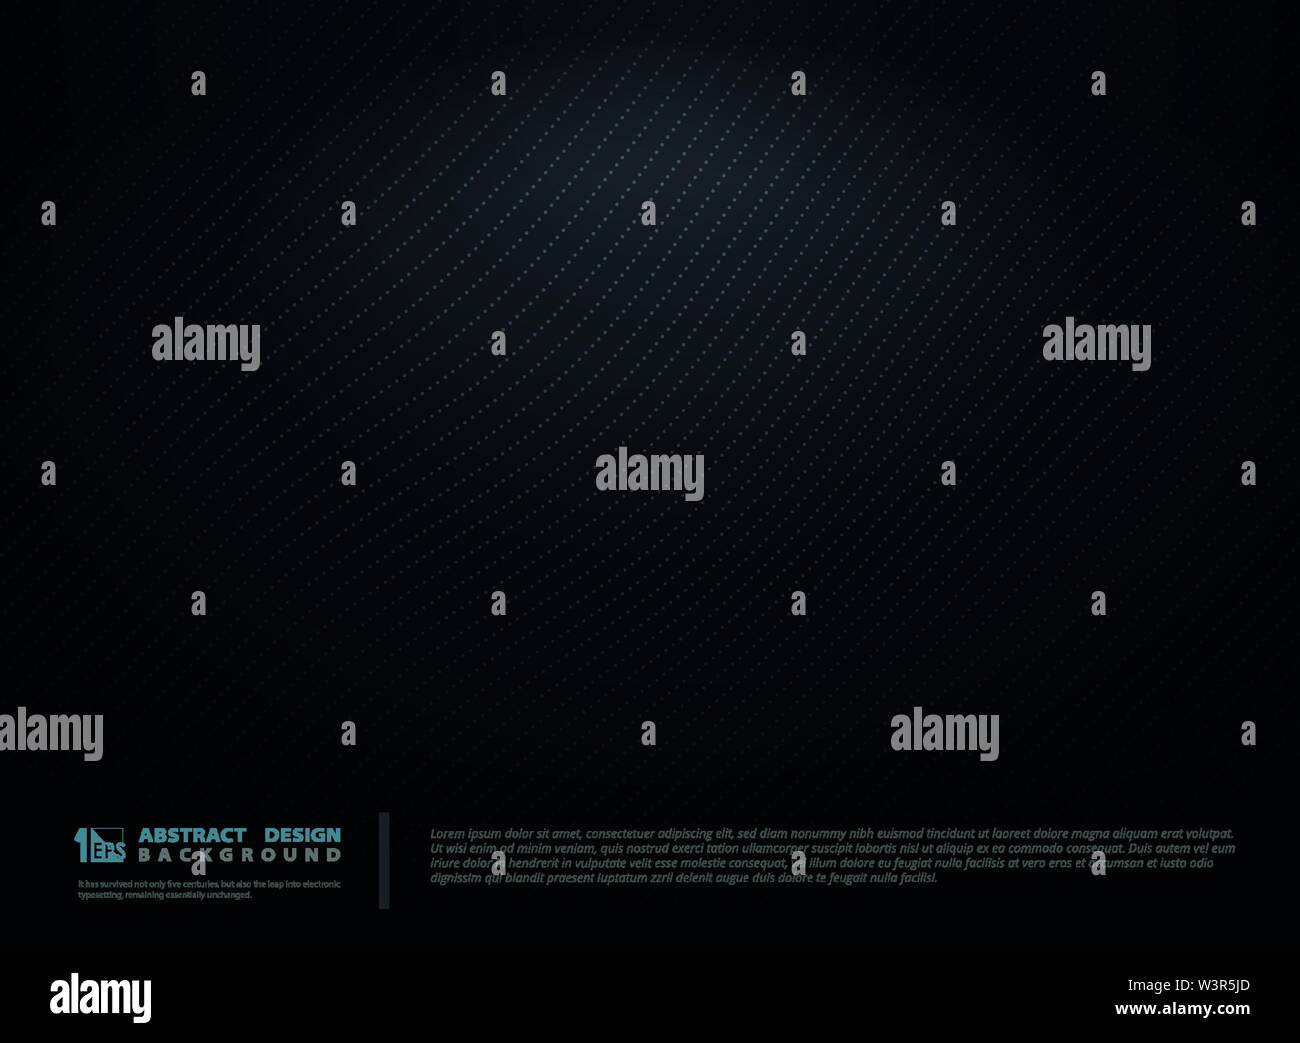 Abstract pattern design noir dégradé tech arrière-plan. Vous pouvez utiliser pour l'arrière-plan, la présentation ad ad, illustrations, conception du modèle vecteur illustration. Photo Stock